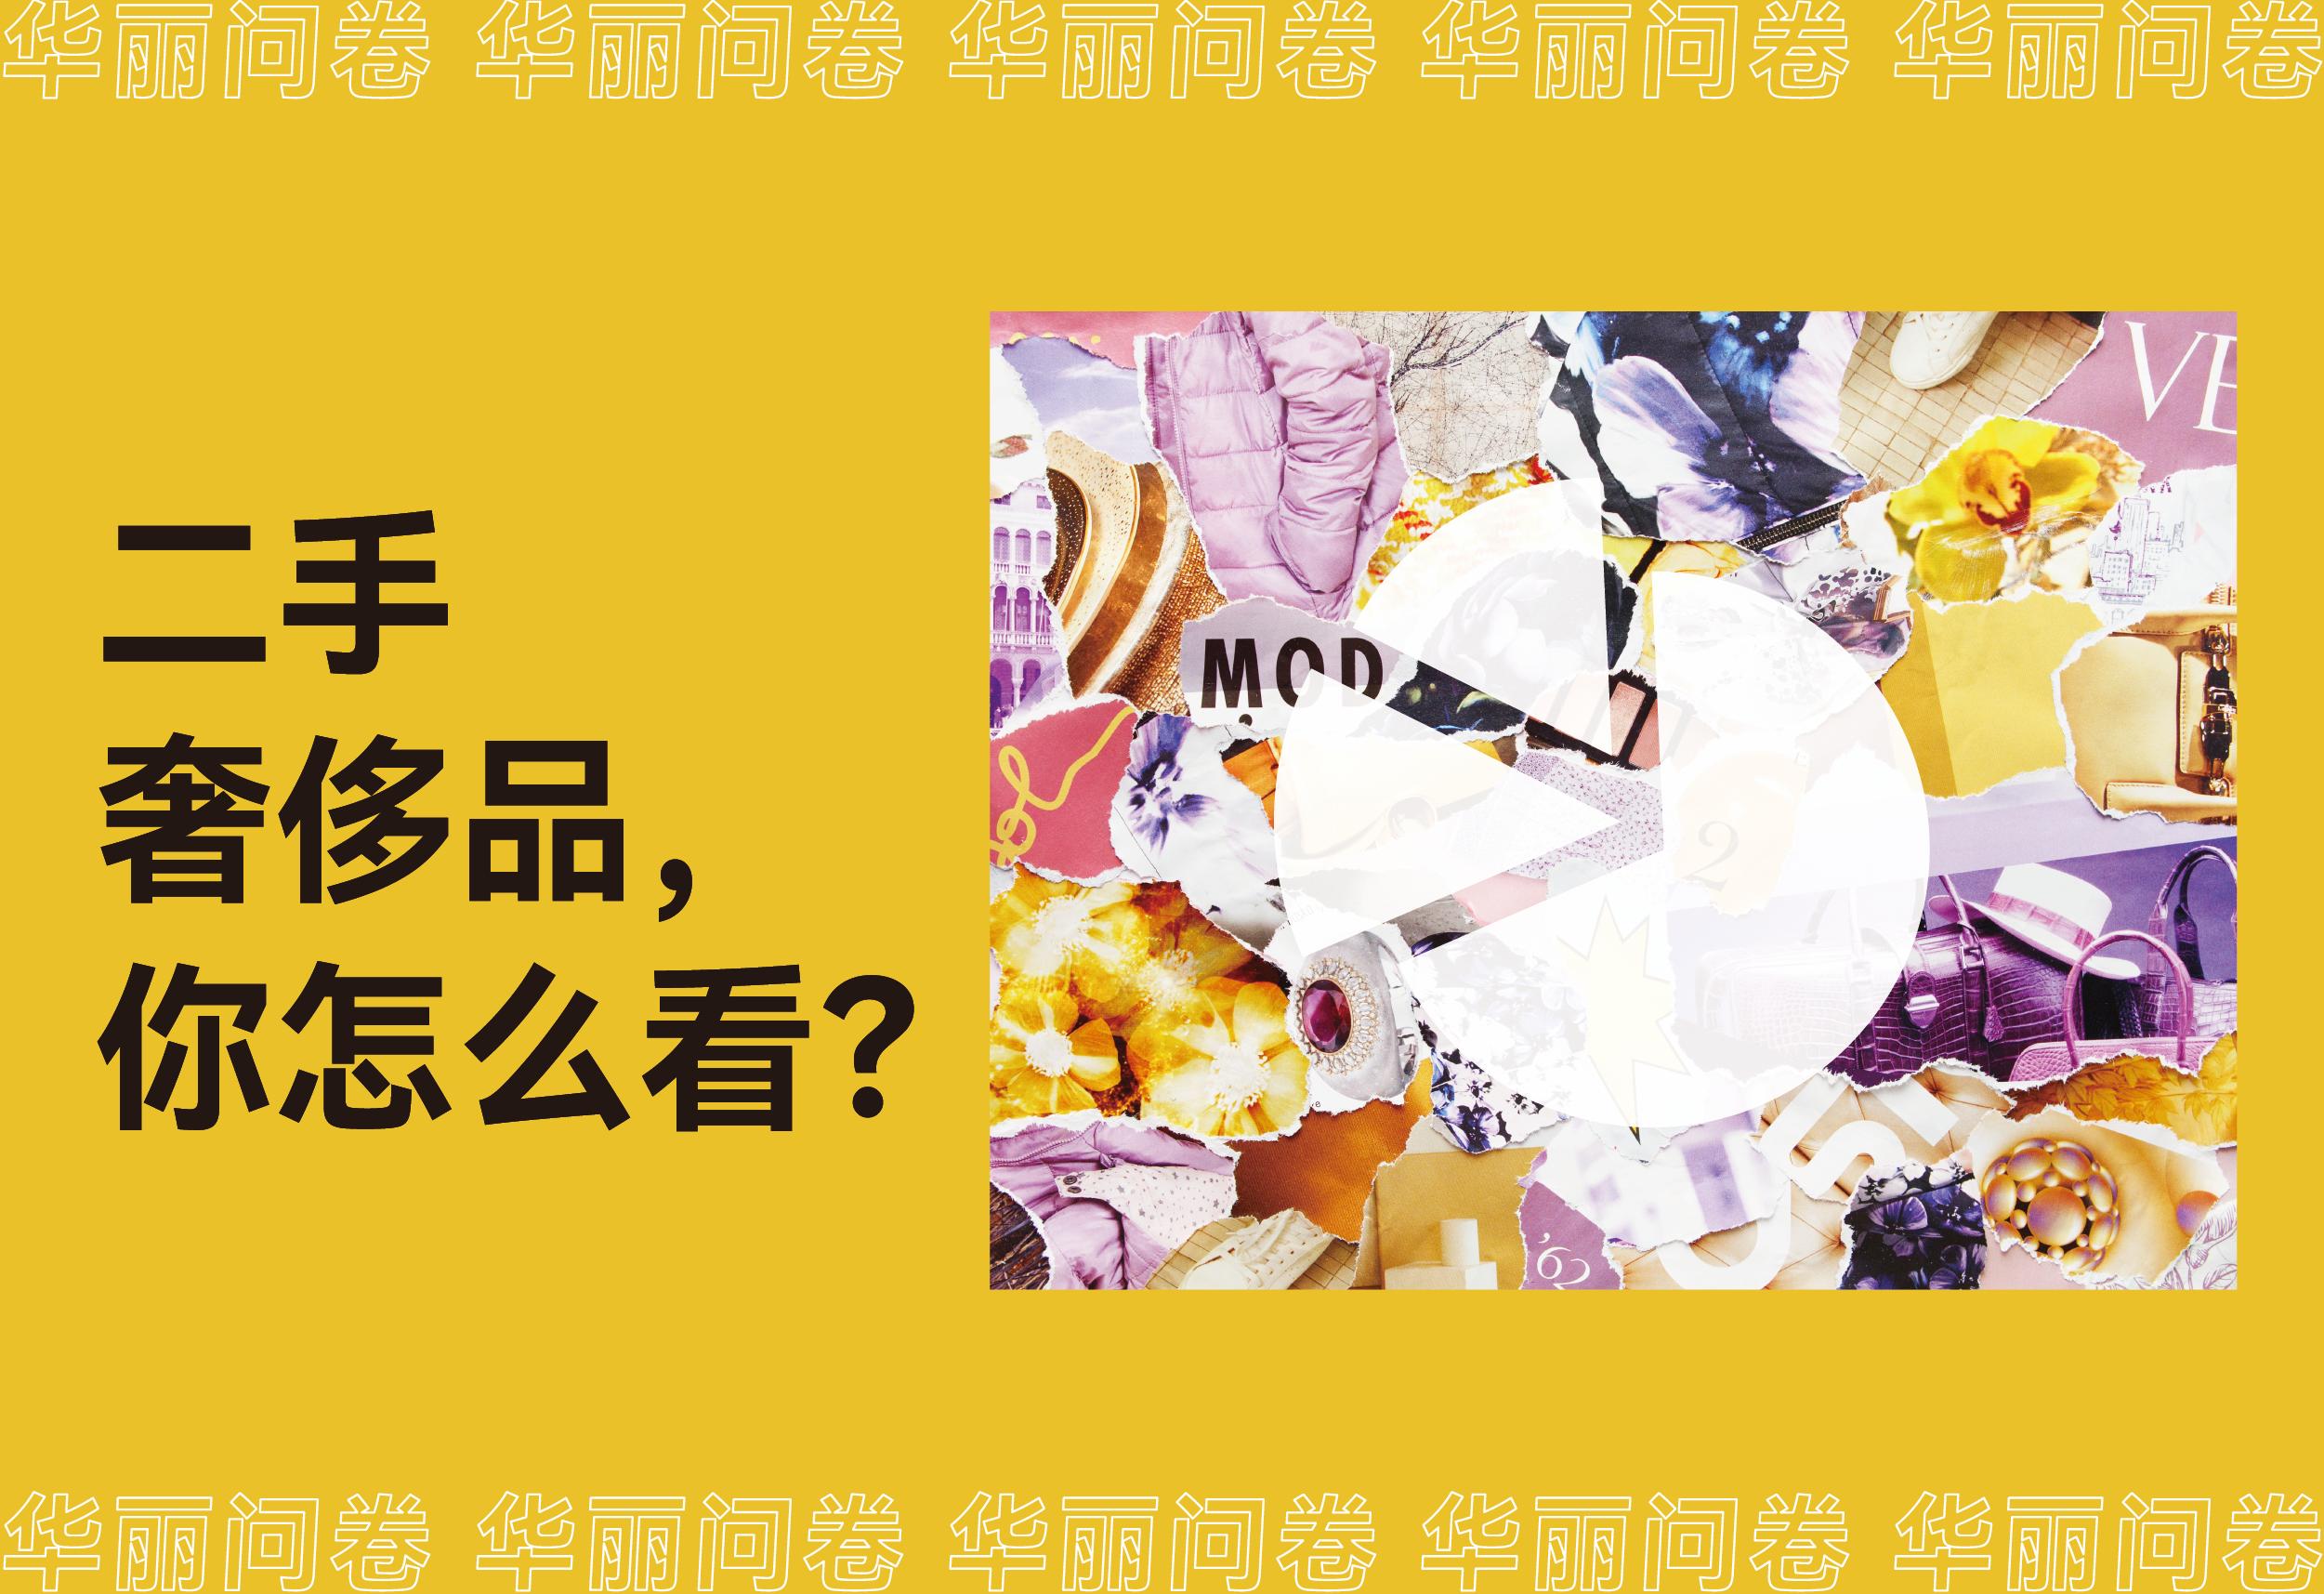 华丽智库|二手奢侈品,在中国真的火了吗?